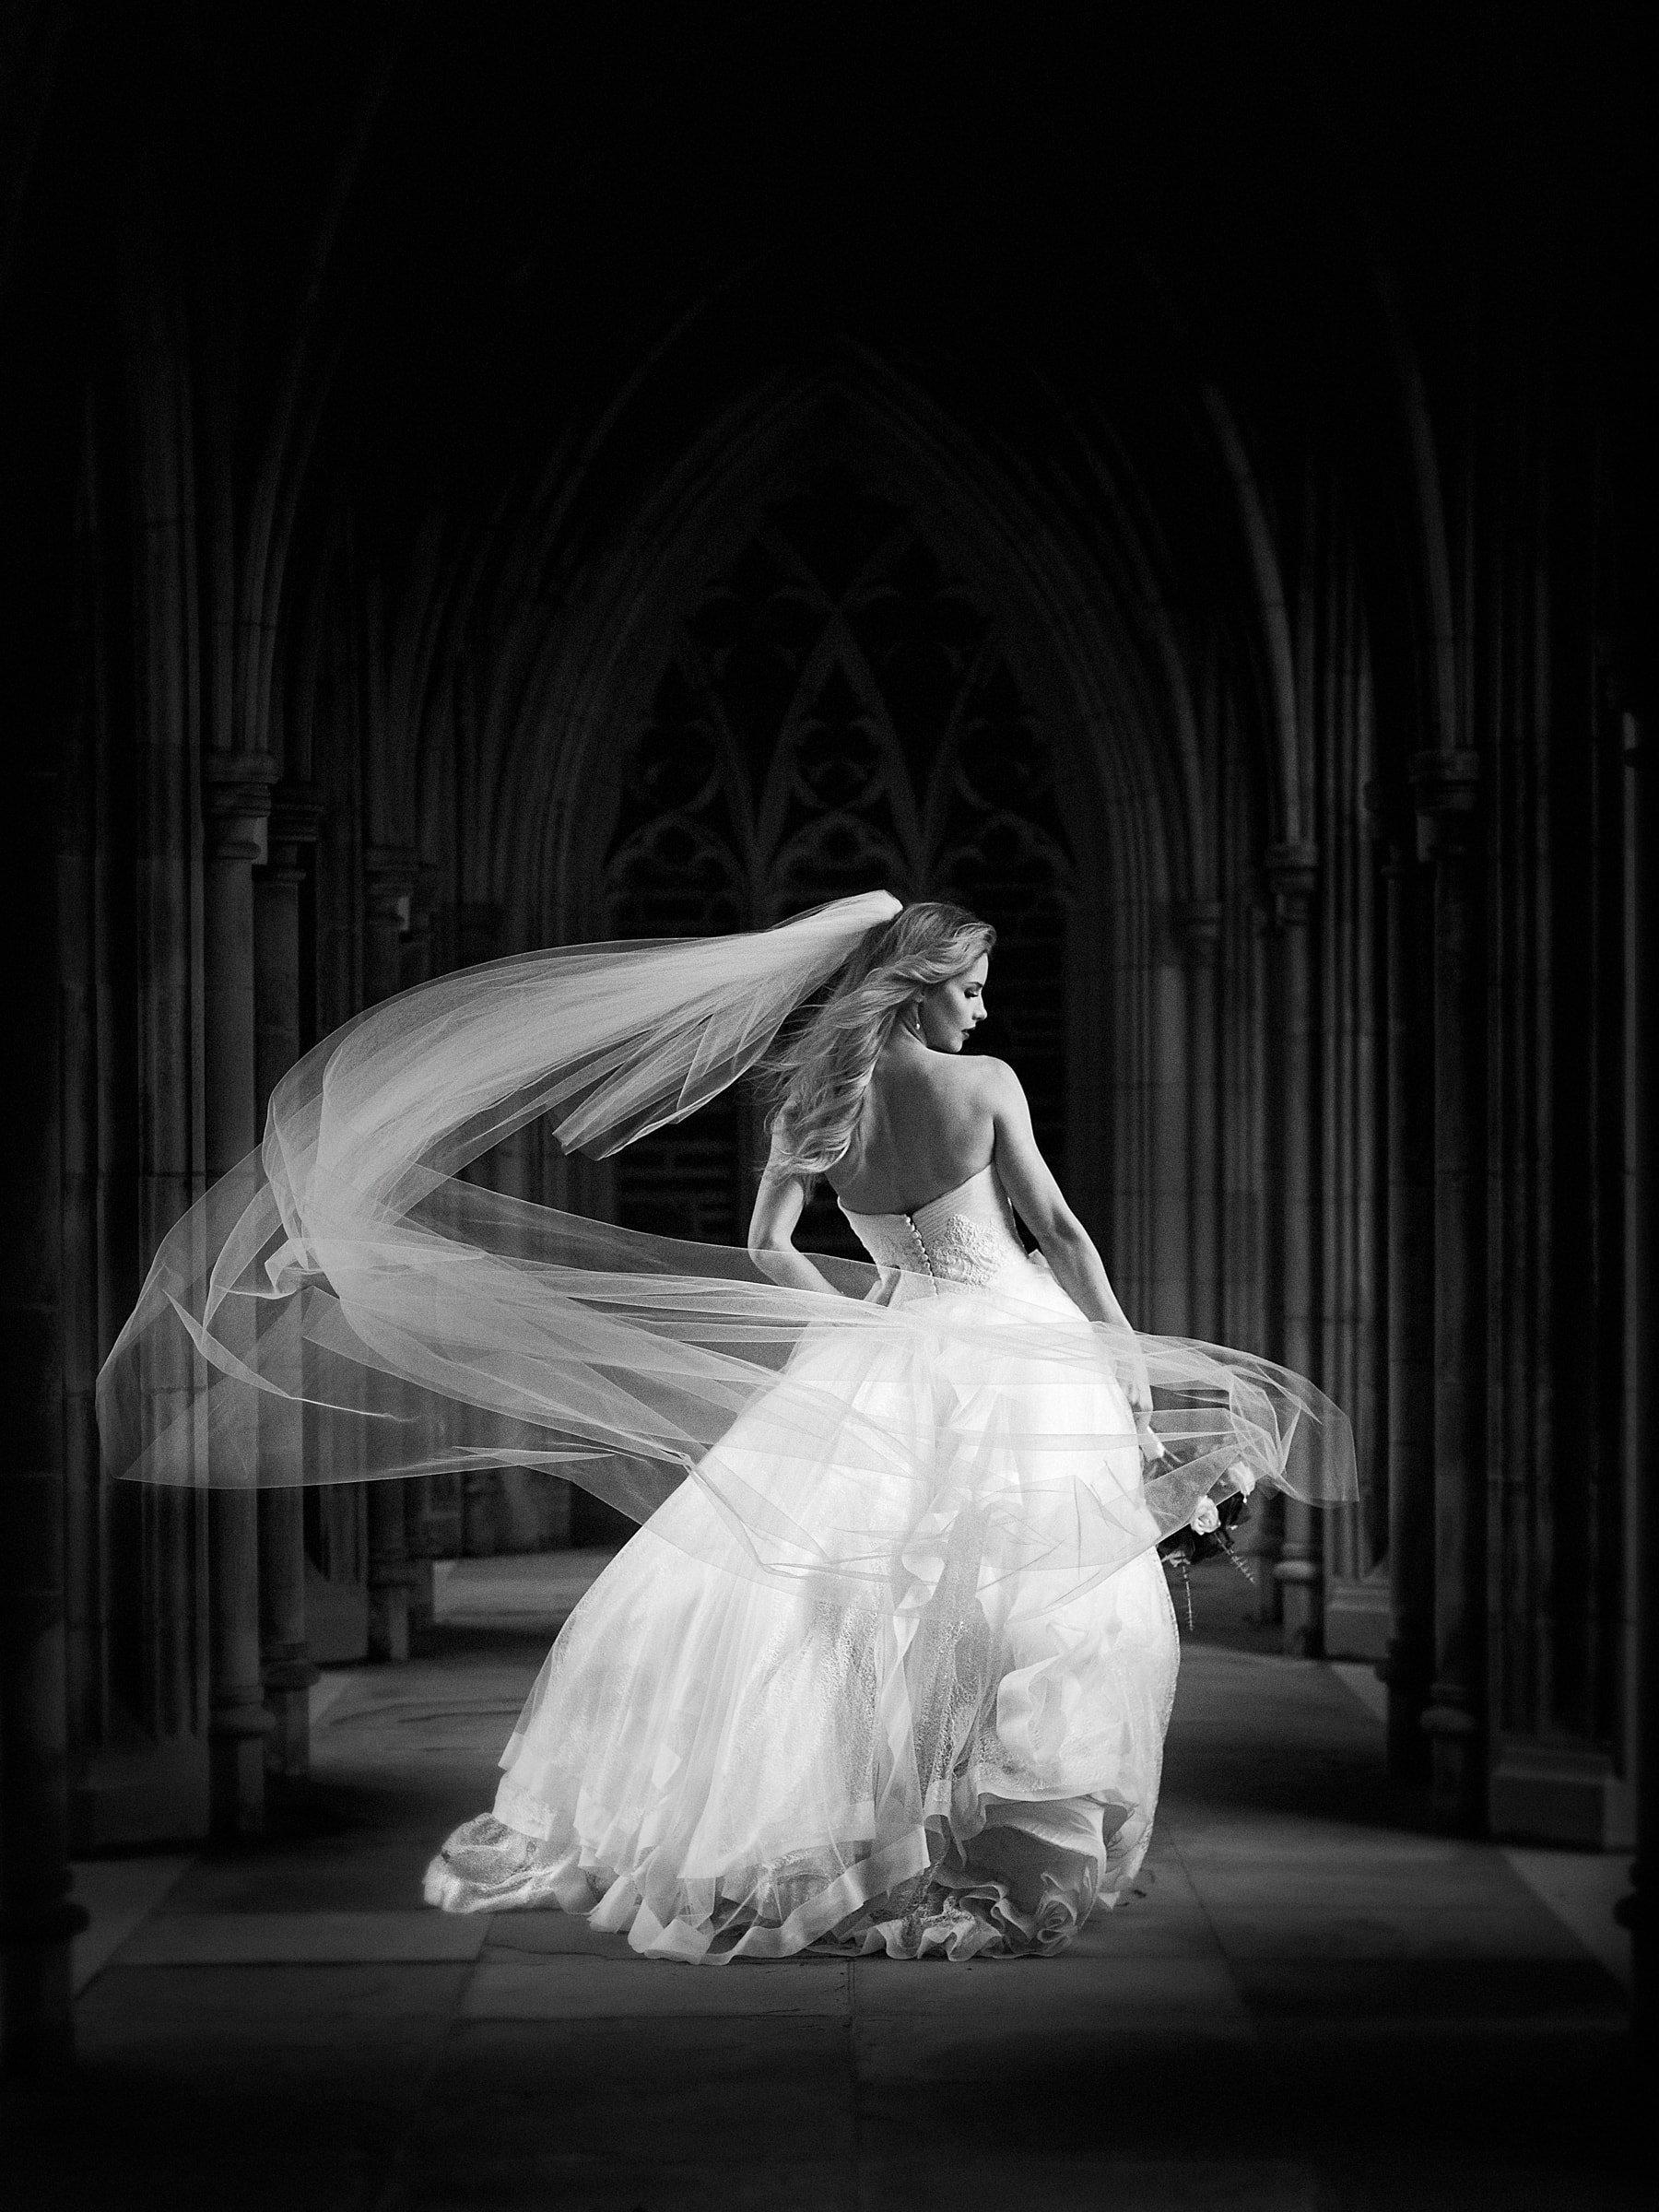 Duke Chapel Weddings - B&W Bridal Portrait in Arcades with Veil